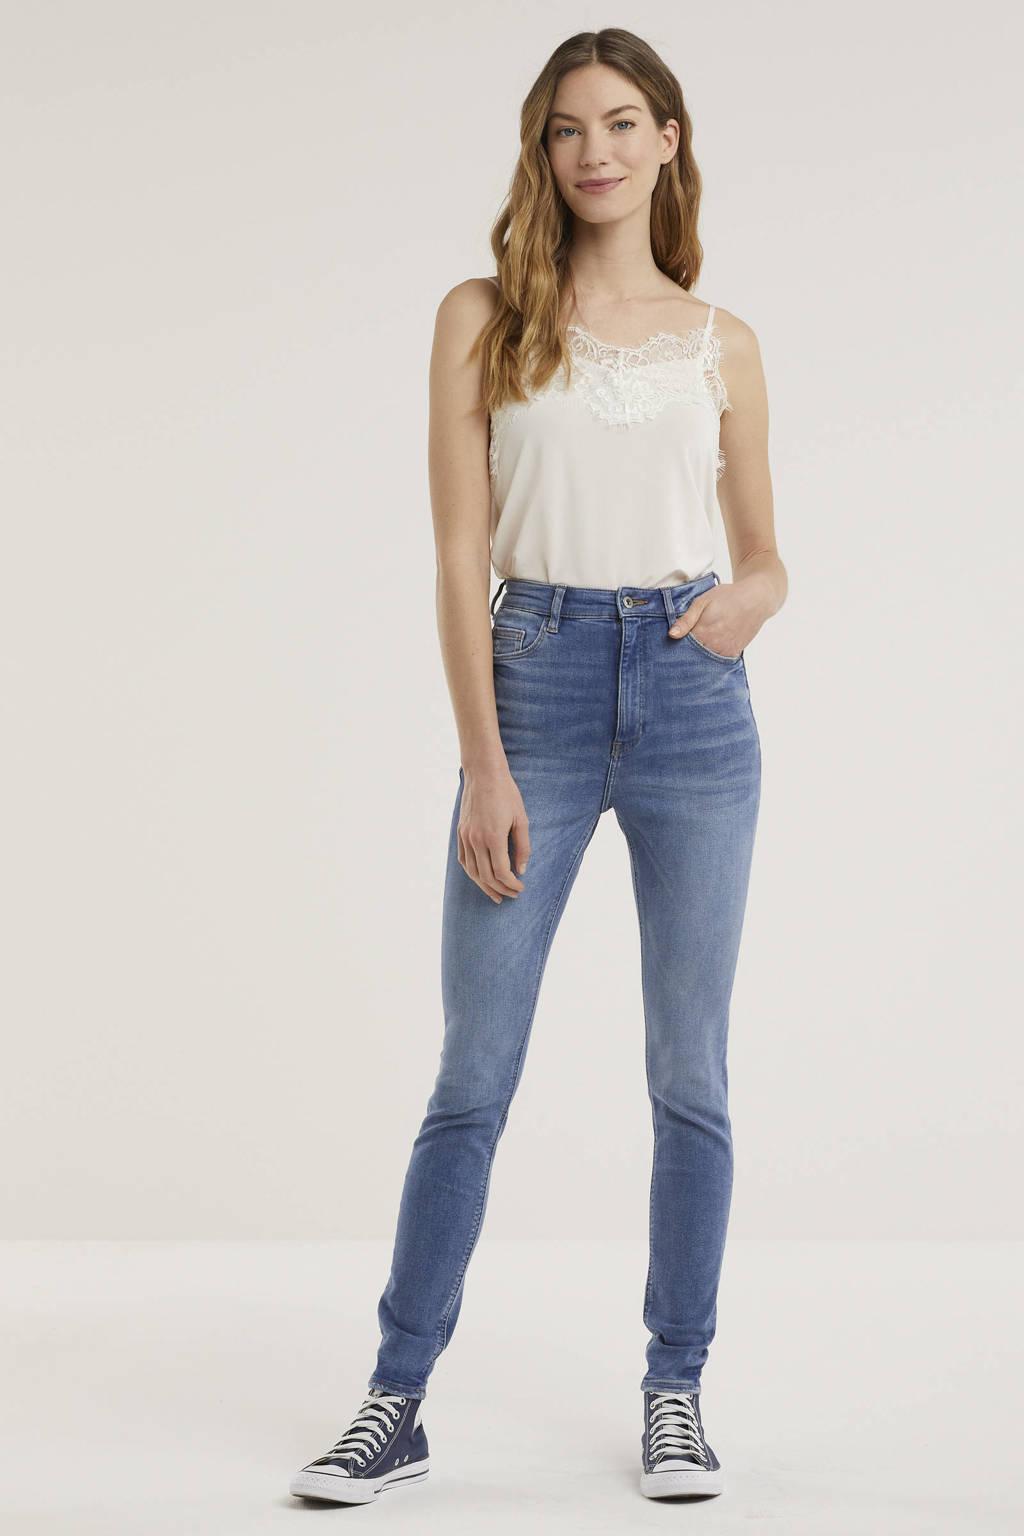 edc Women high waist skinny jeans light denim stonewashed, Light denim stonewashed